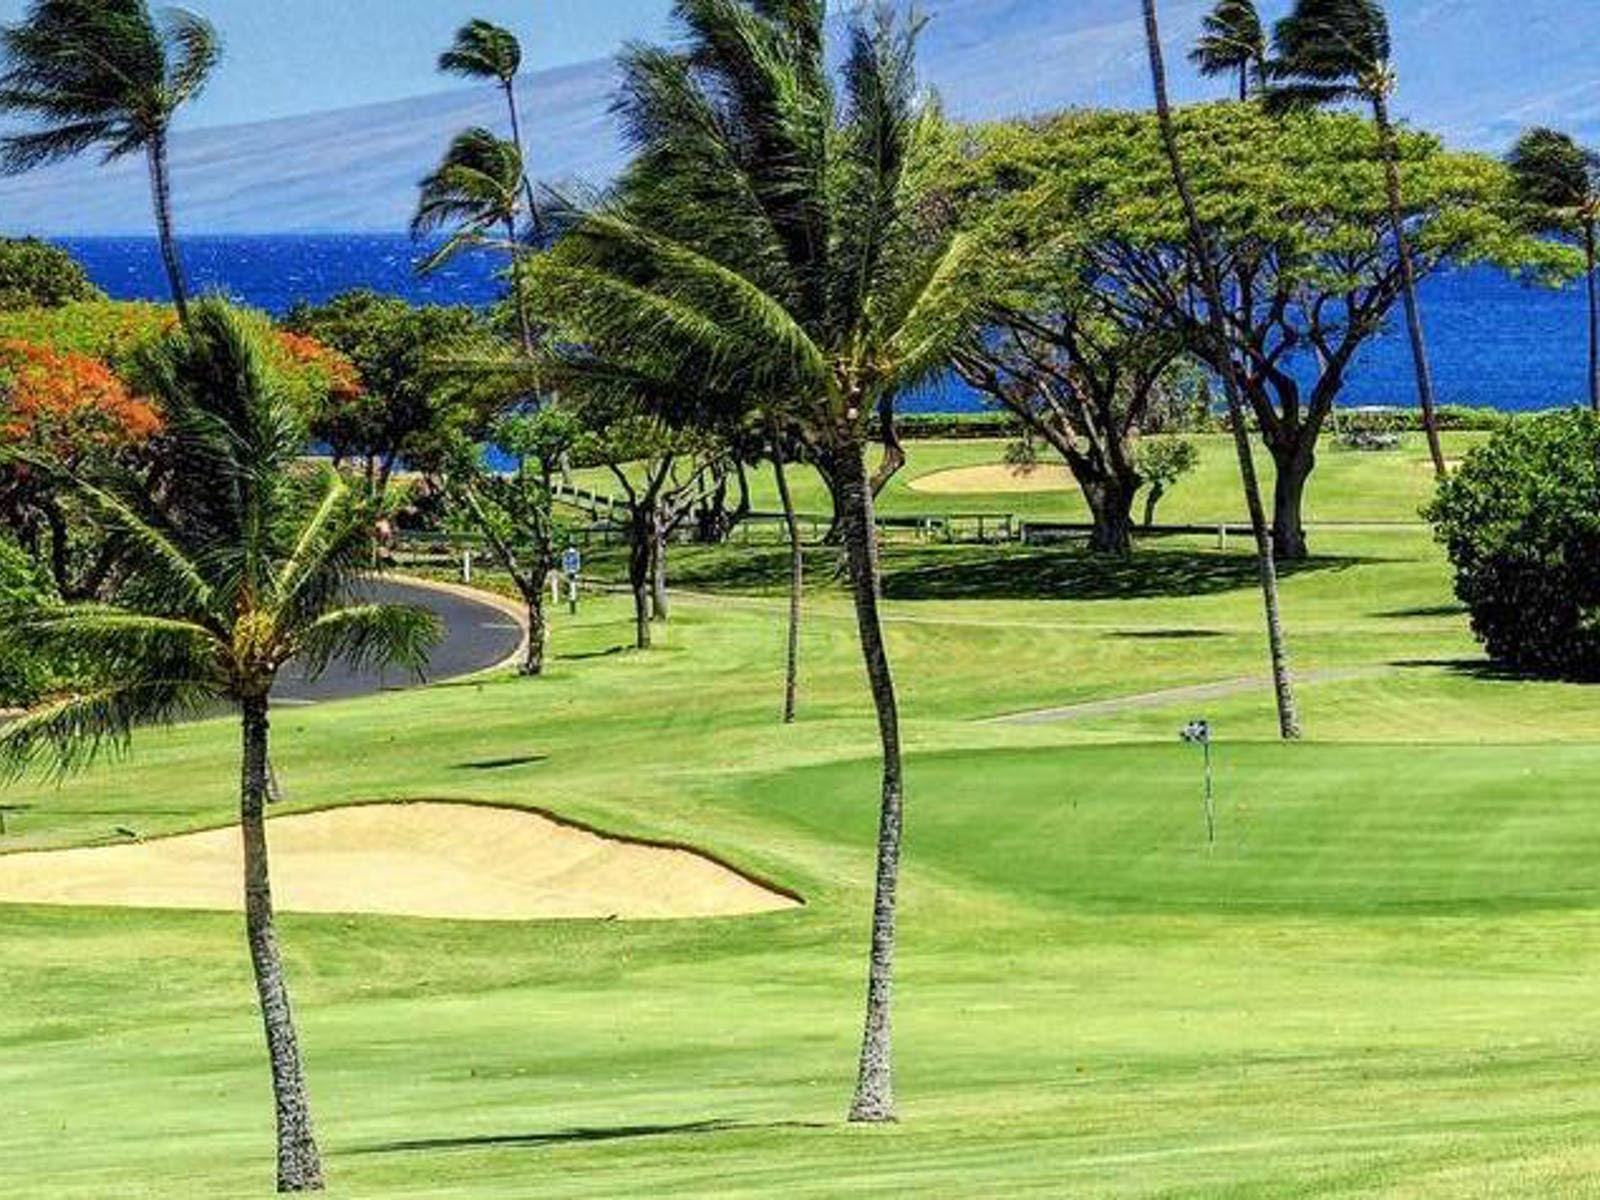 Golf course in Maui, HI